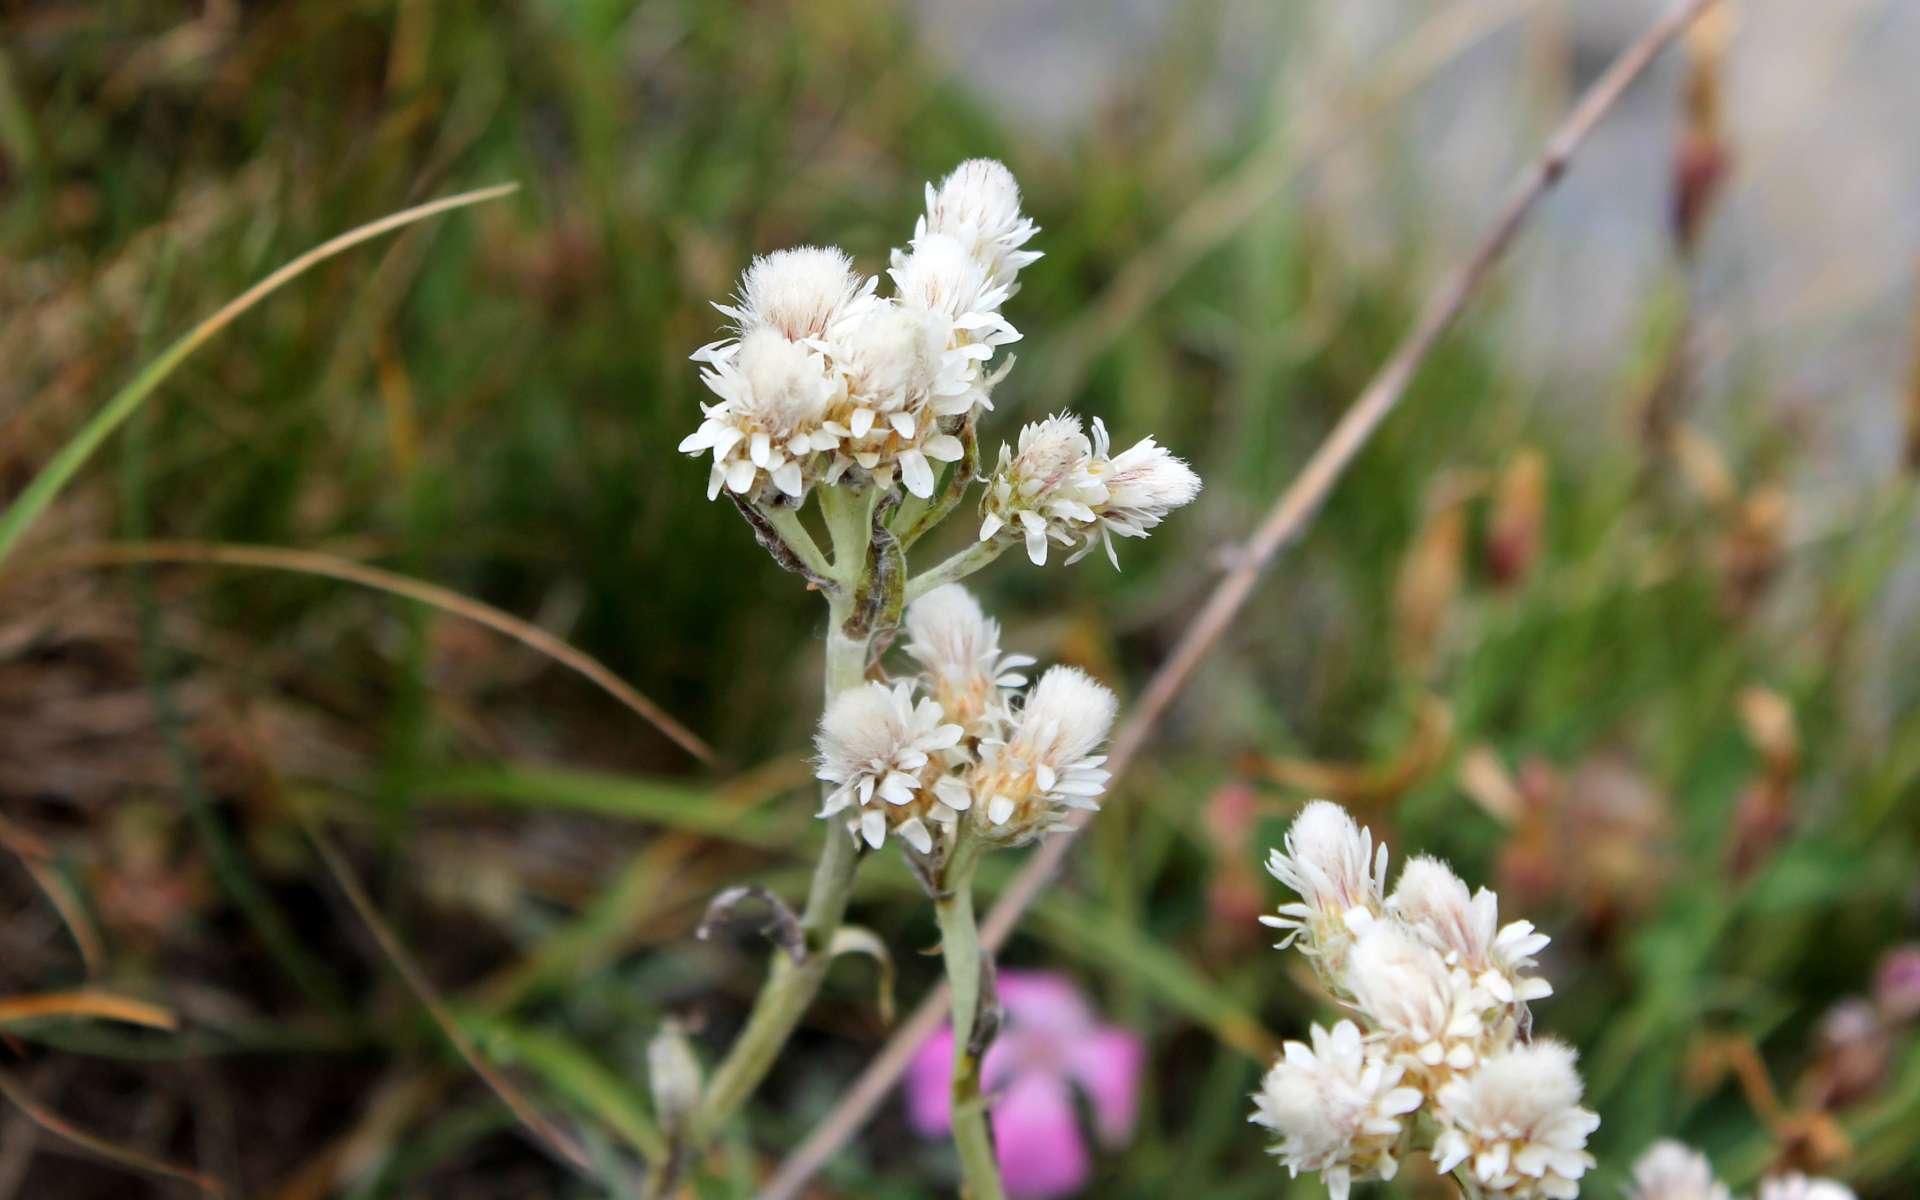 Pied de chat dioïque - fleurs mâles (Crédits : Léa Charbonnier)